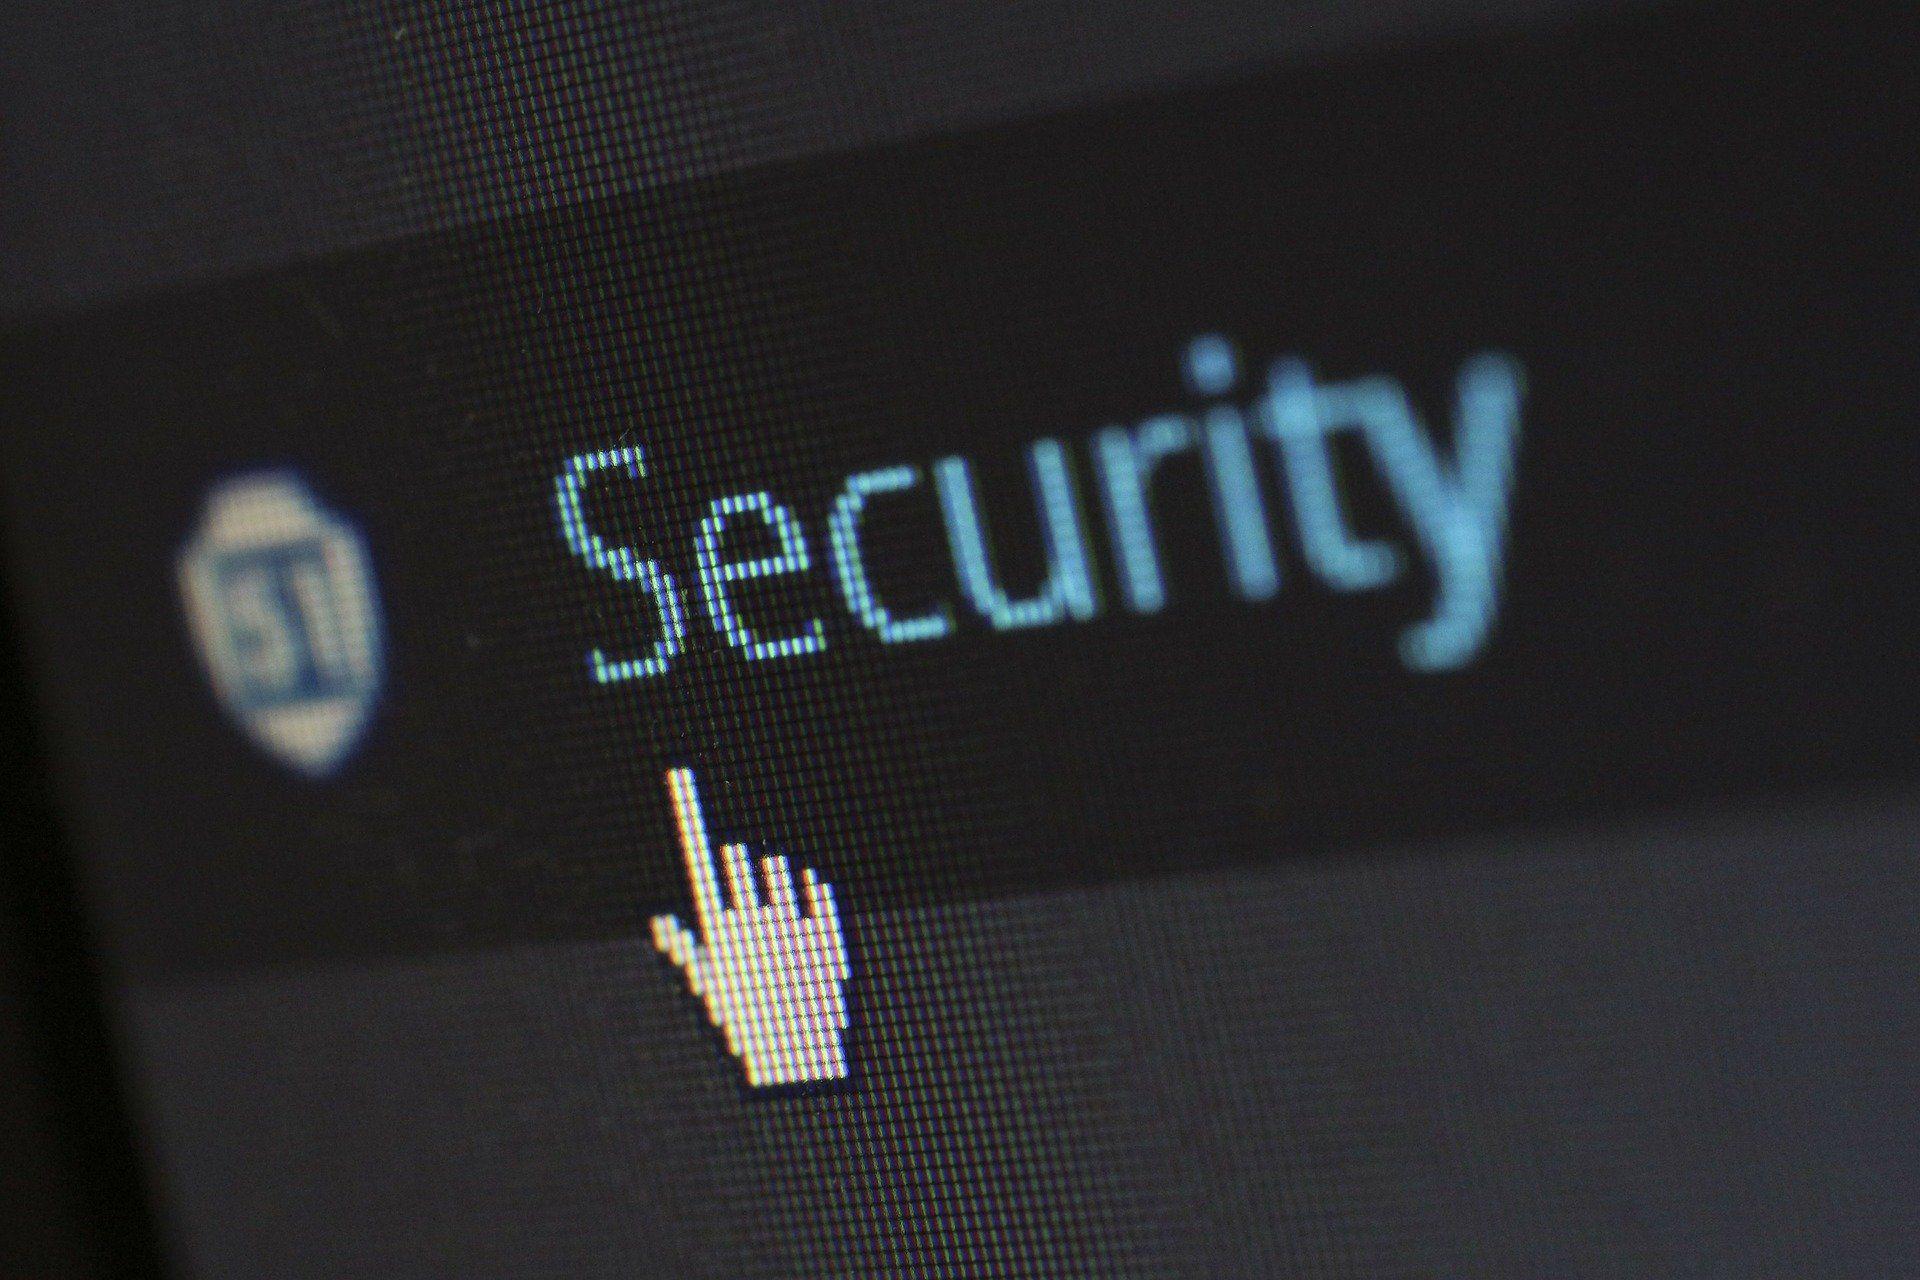 Wachsende Bedrohung durch Cyberkriminalität